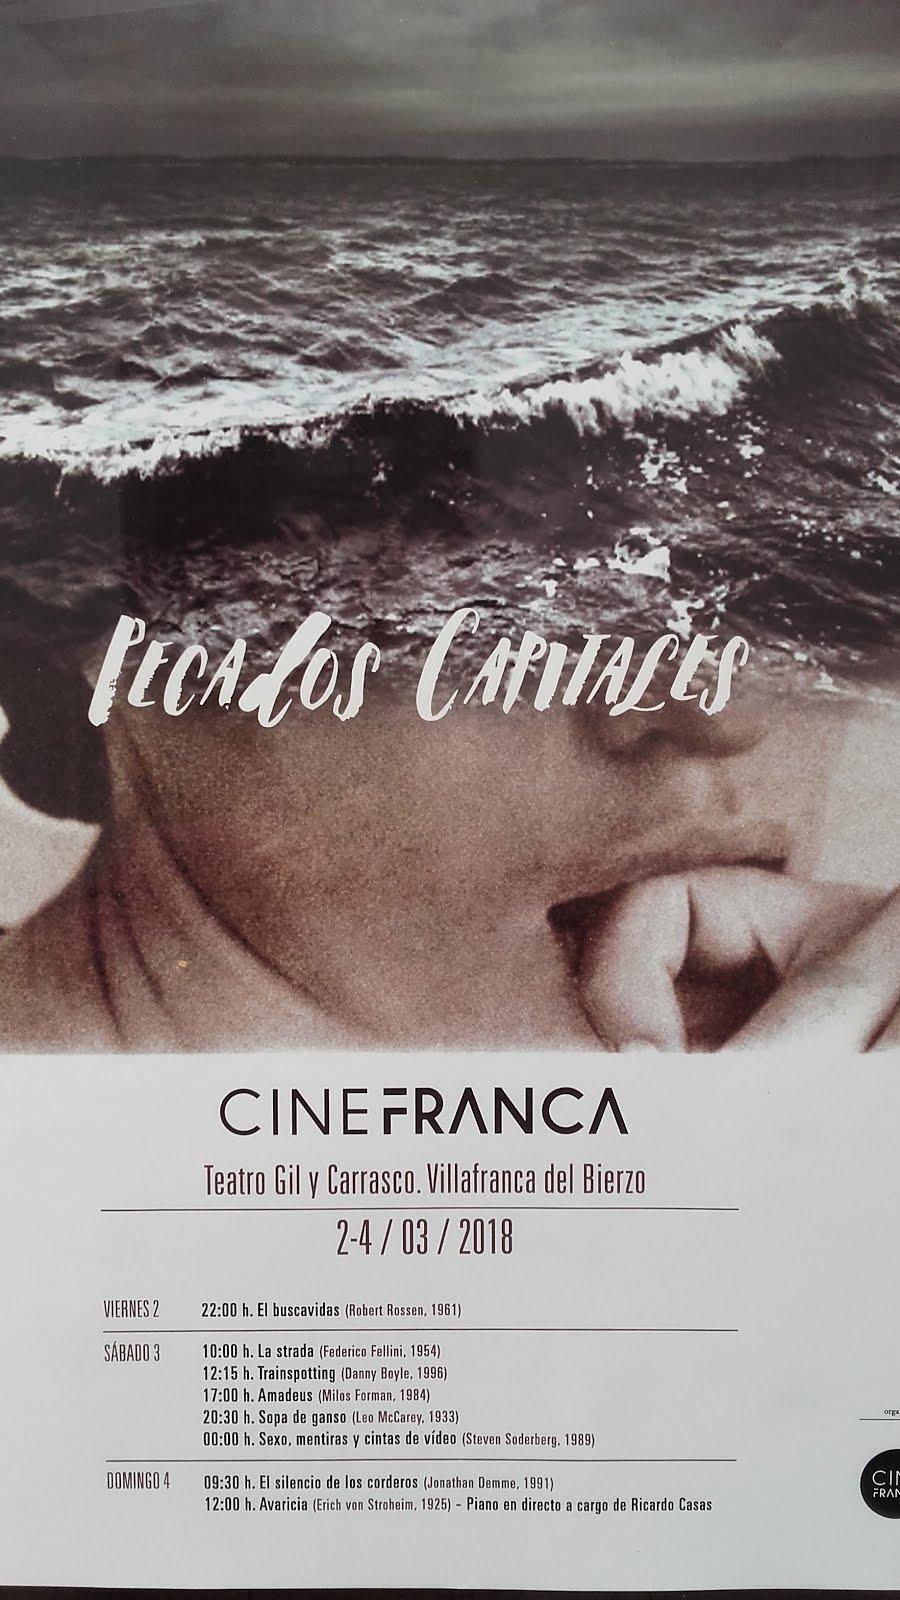 Cinefranca 2018 dedica la edición a los Pecados Capitales 1